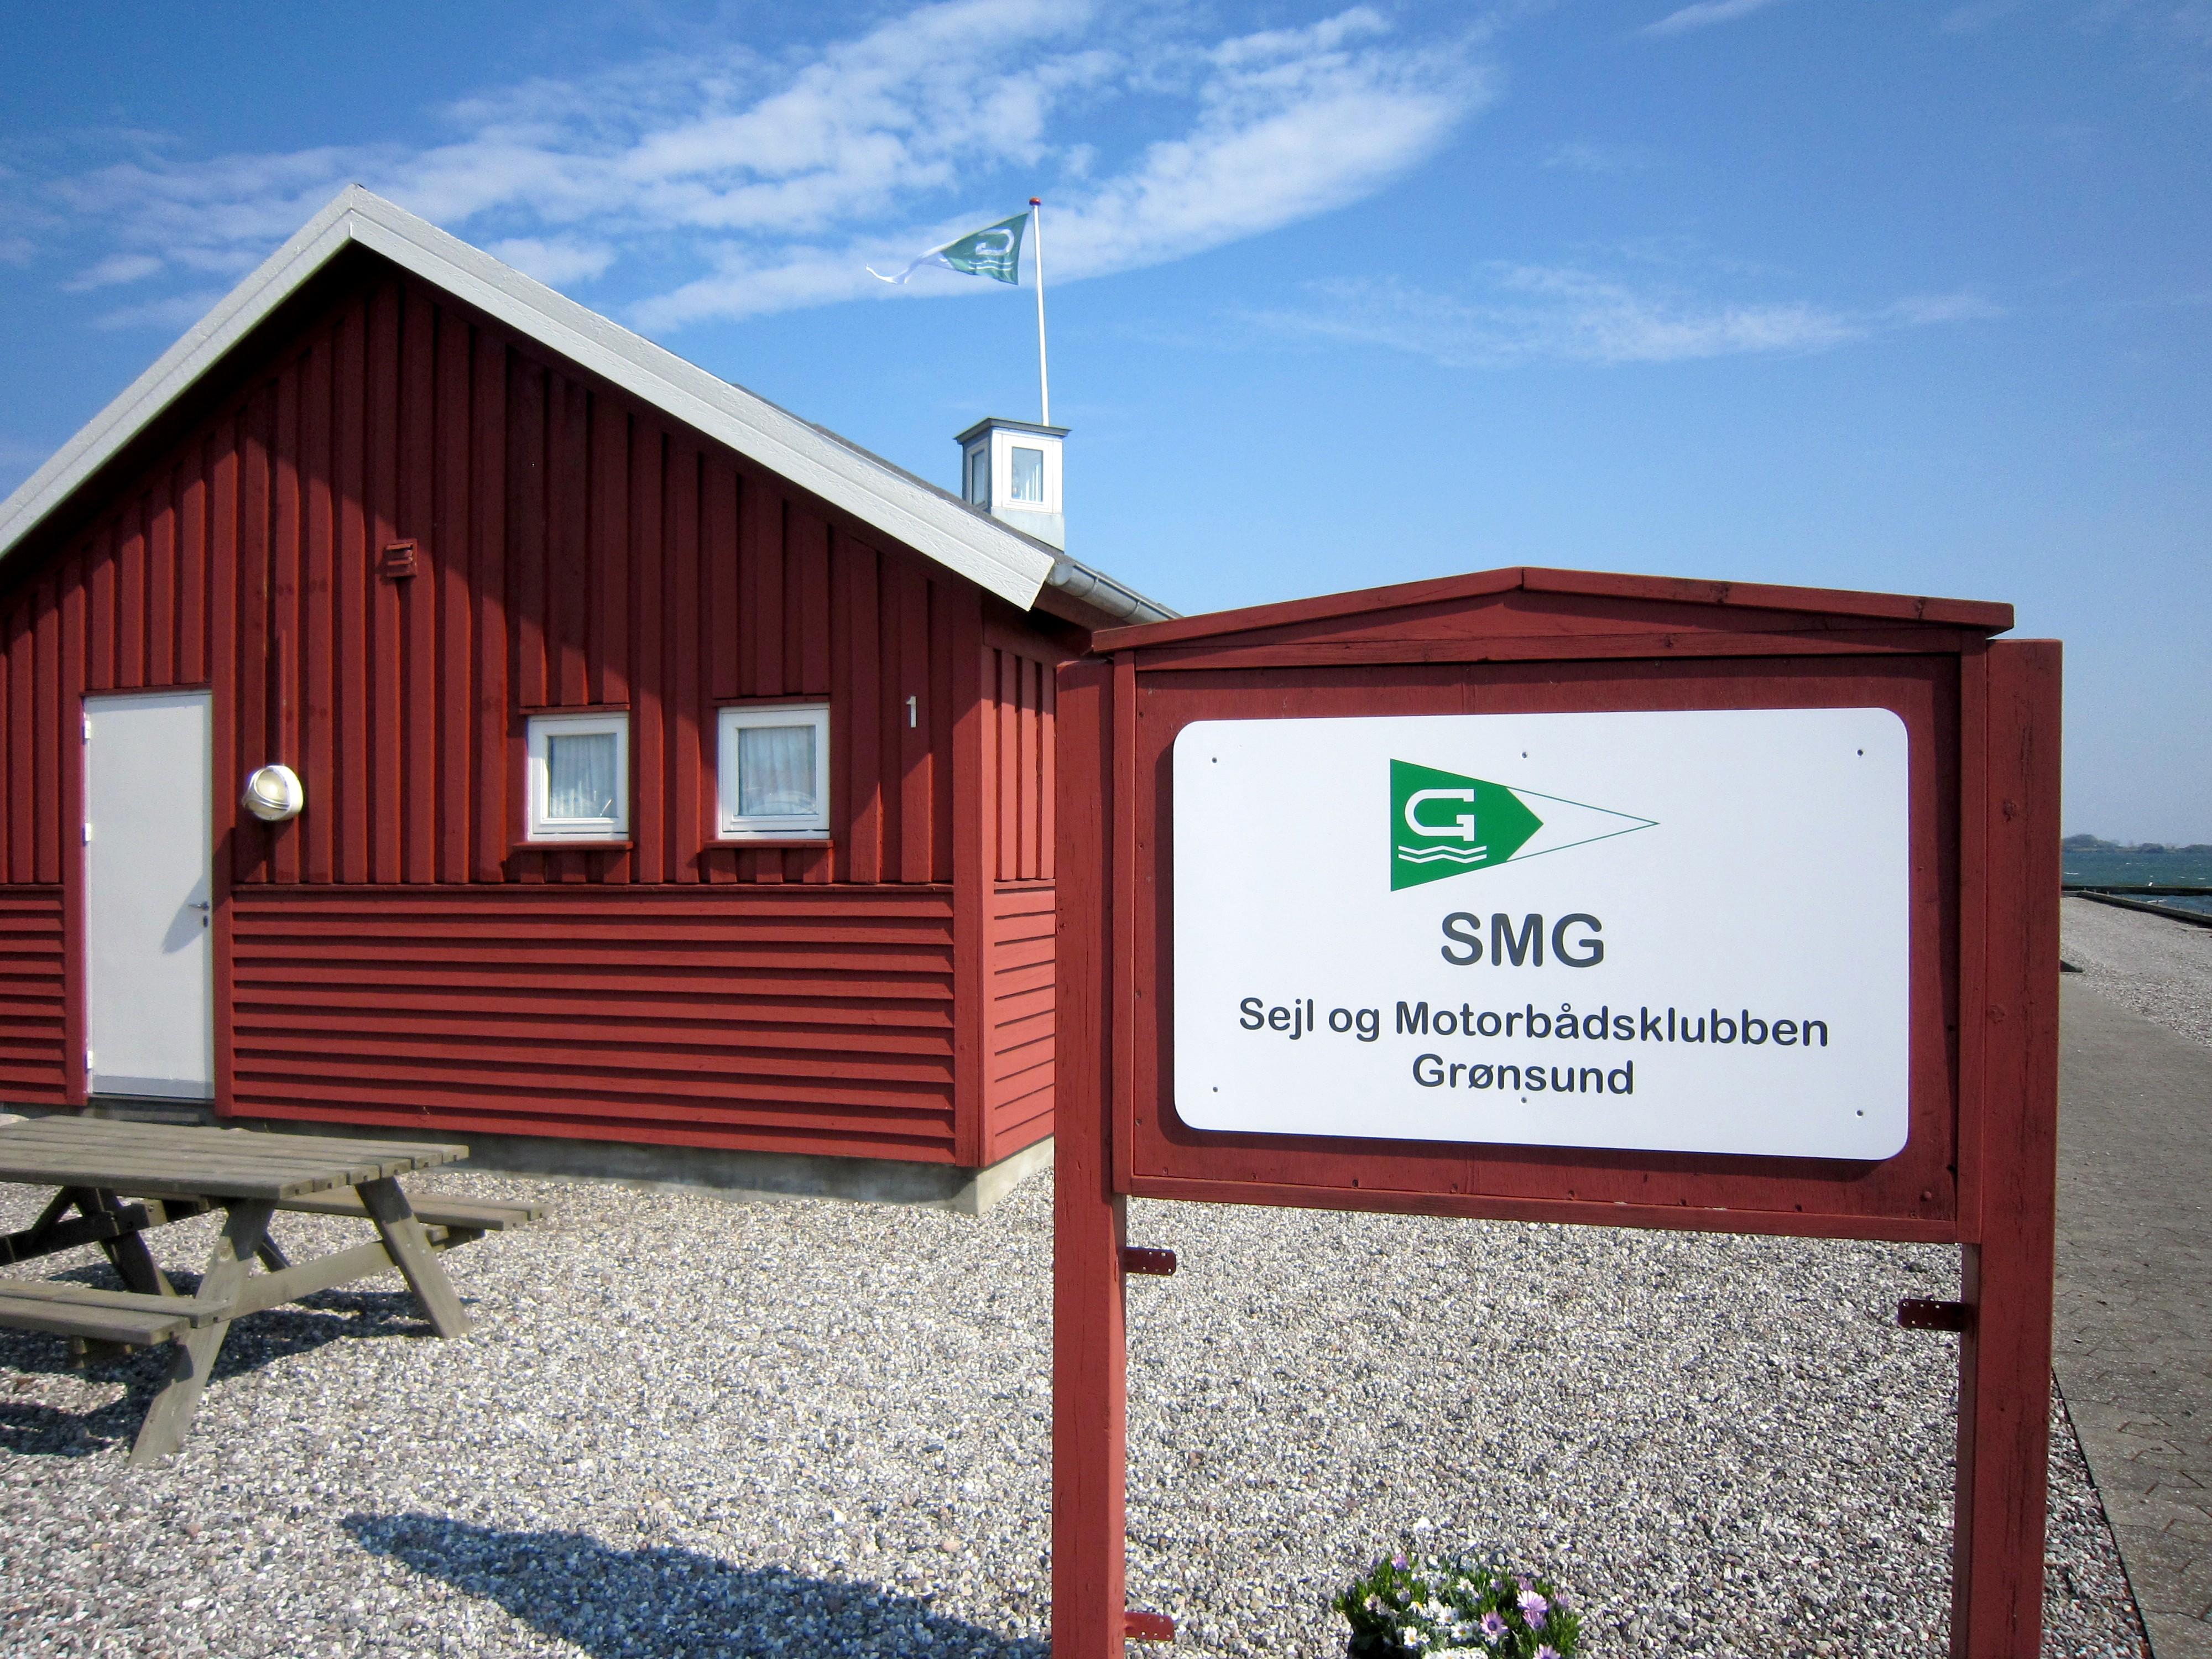 Sejl og Motorbådsklubben Grønsund - image IMG_0654 on https://www.vildmedvand.dk